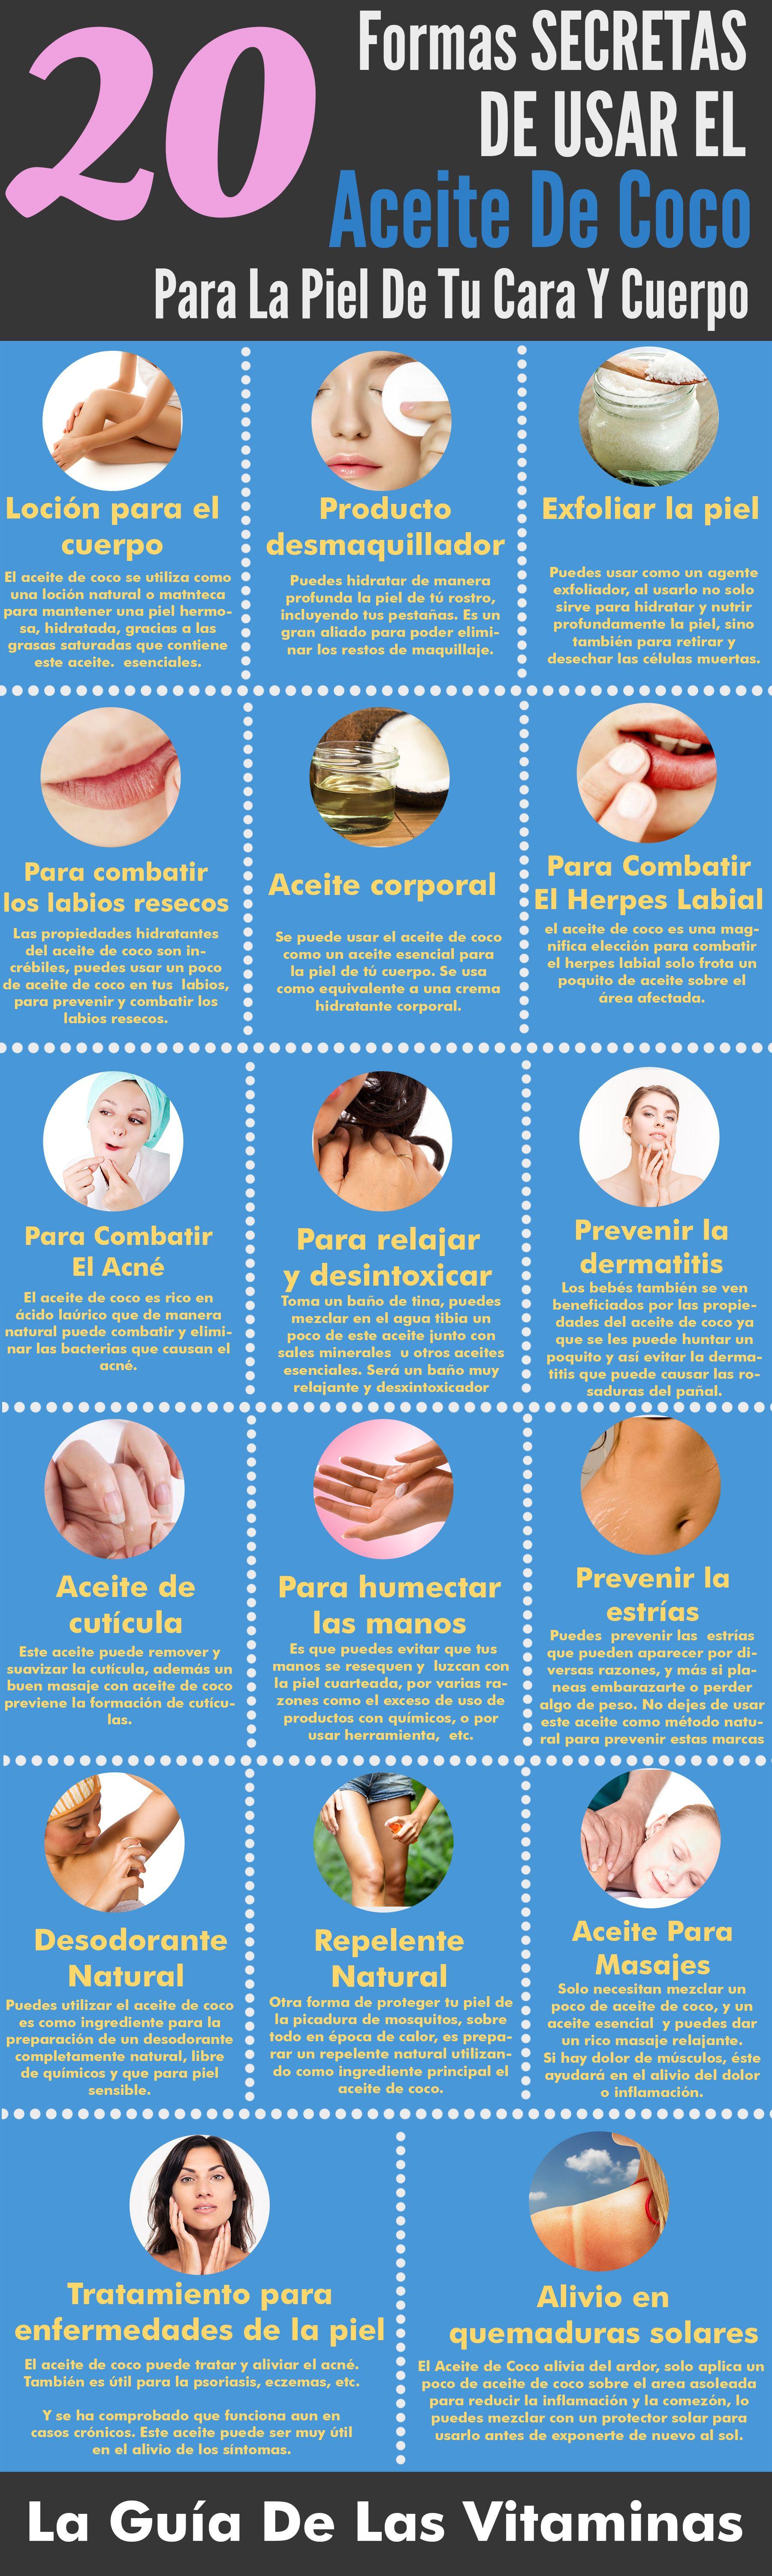 Las 20 mejores formas de usar el aceite de coco para la piel de tu cara y cuerpo